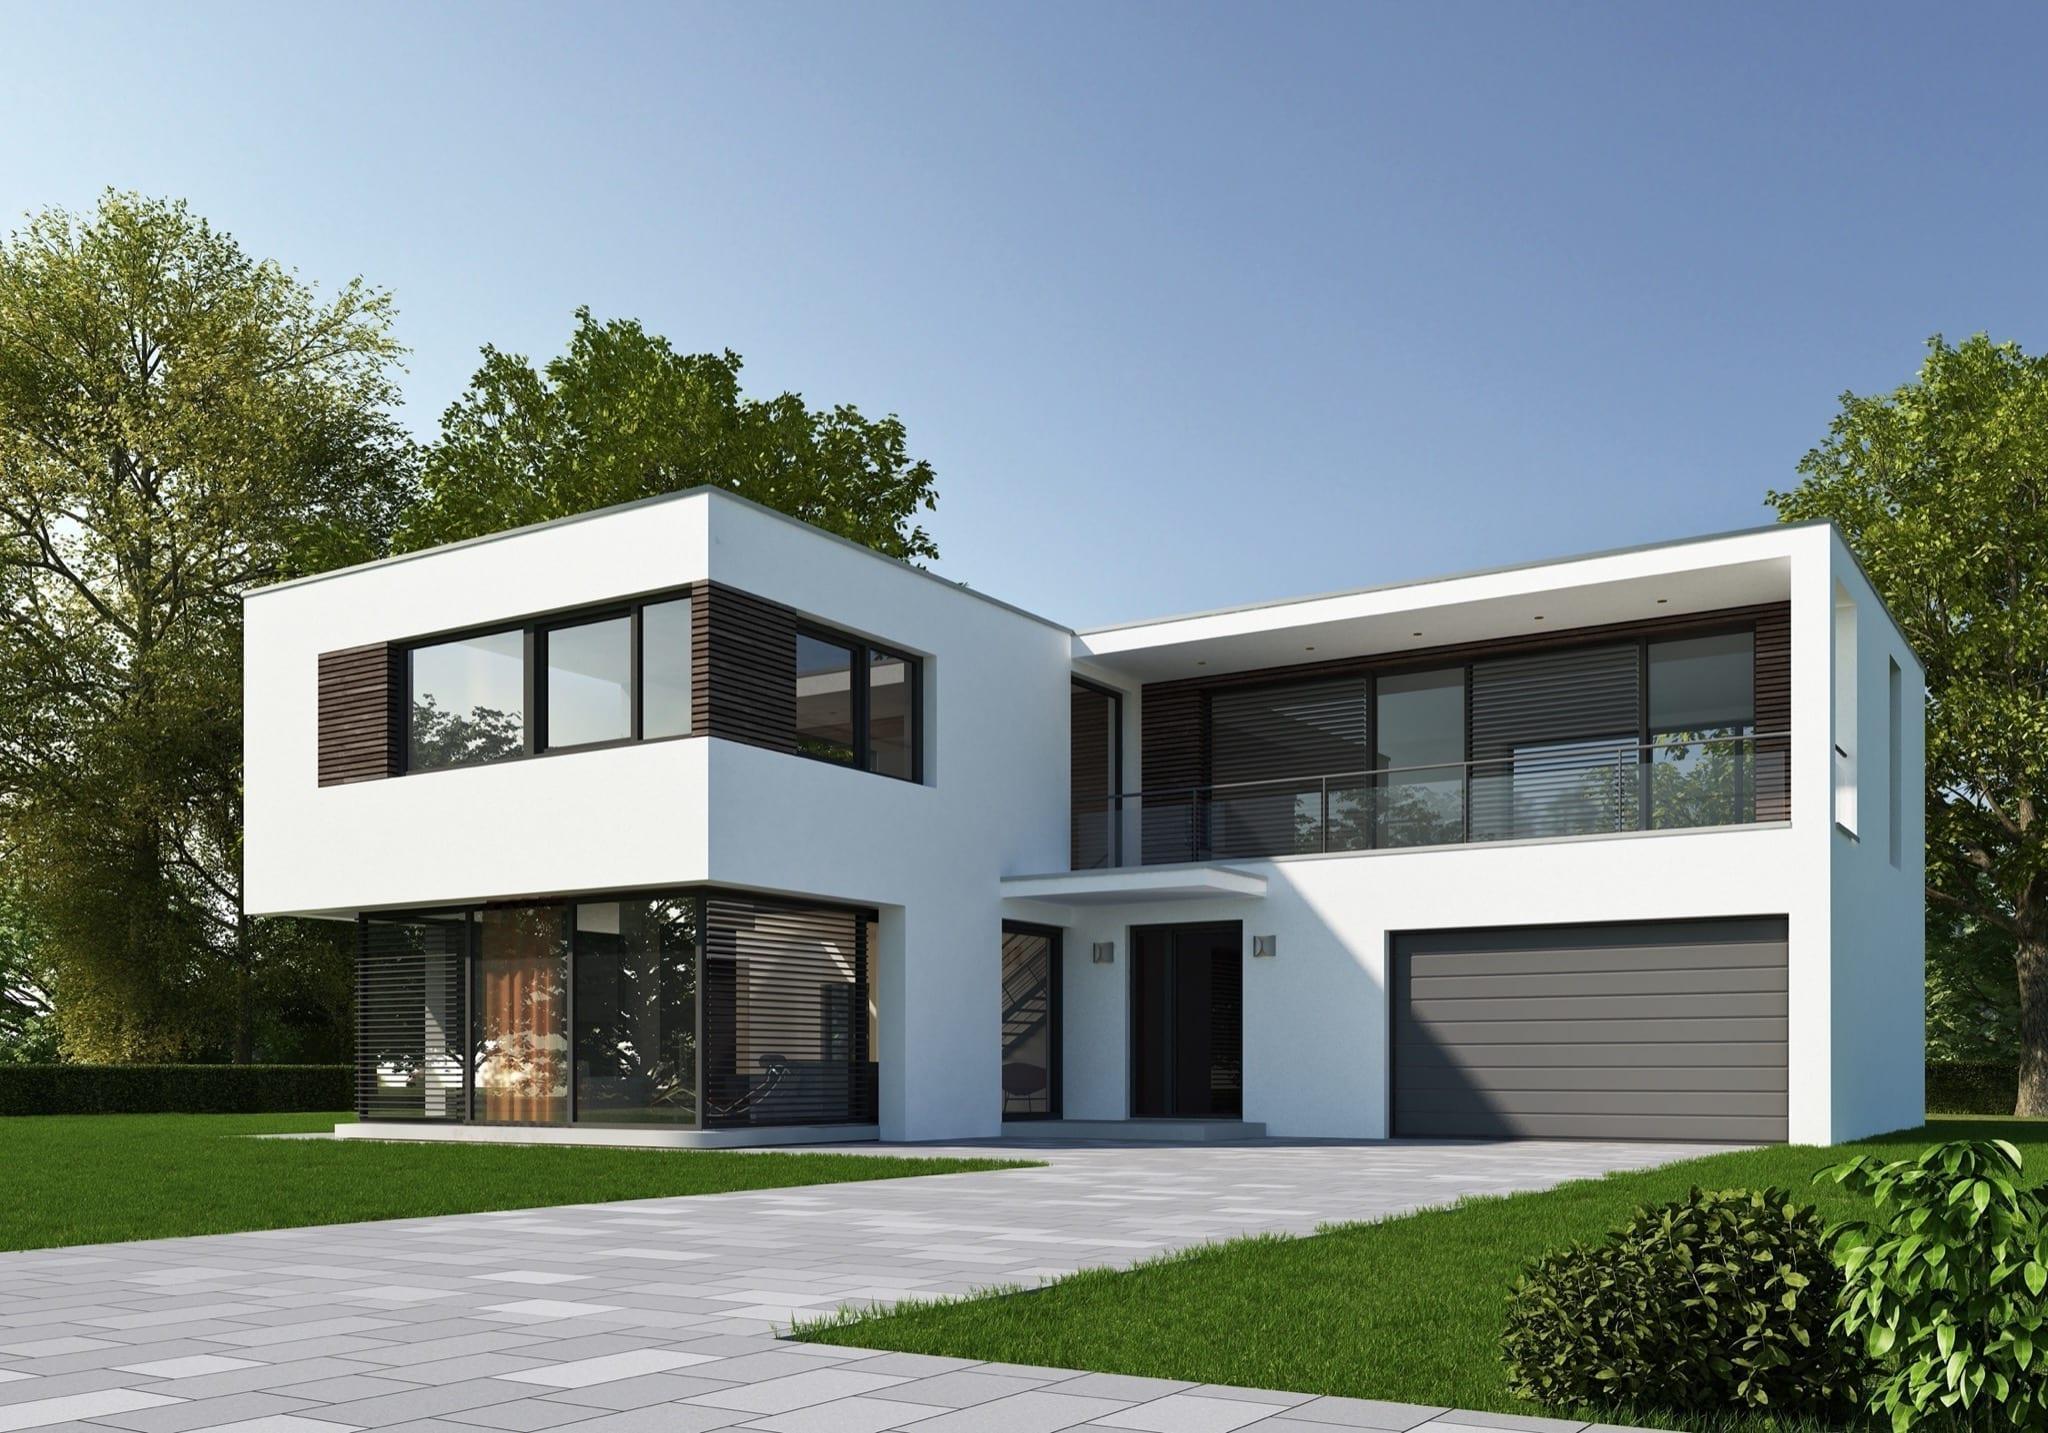 a9c4bc9a700d4c72985d52576afe3581 copy - V-aţi propus să cumpărați o a doua casă? Luați în considerare 5 factori